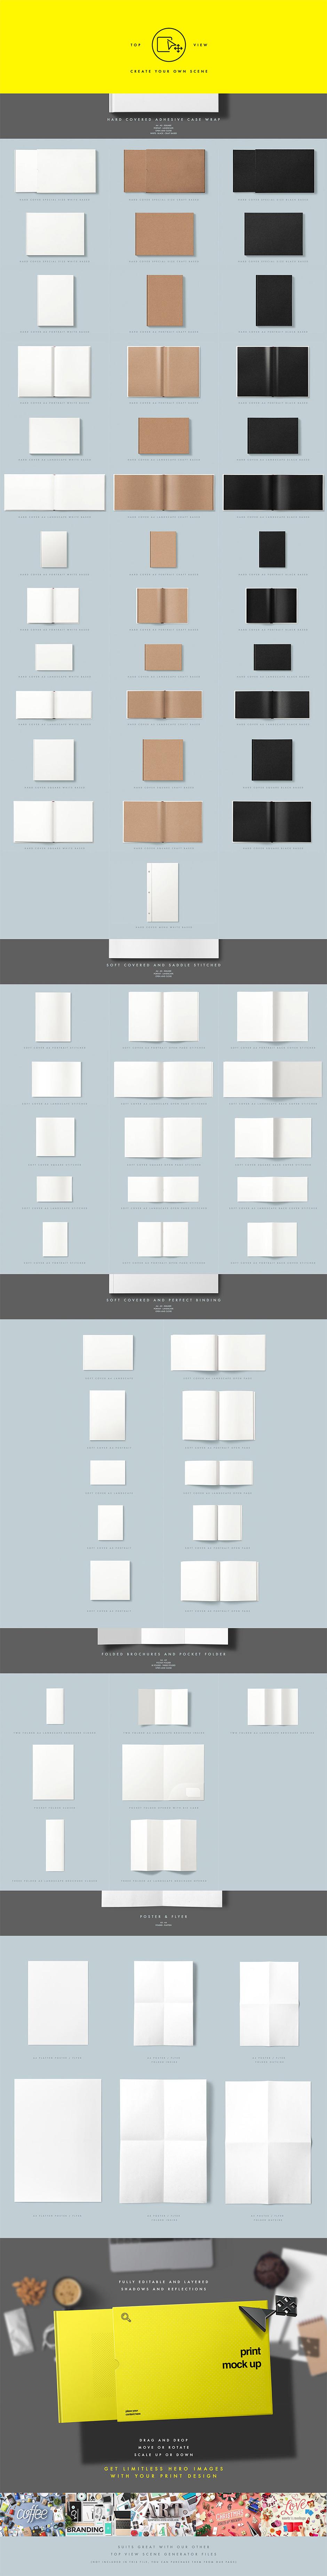 print pack main image7 design habitat